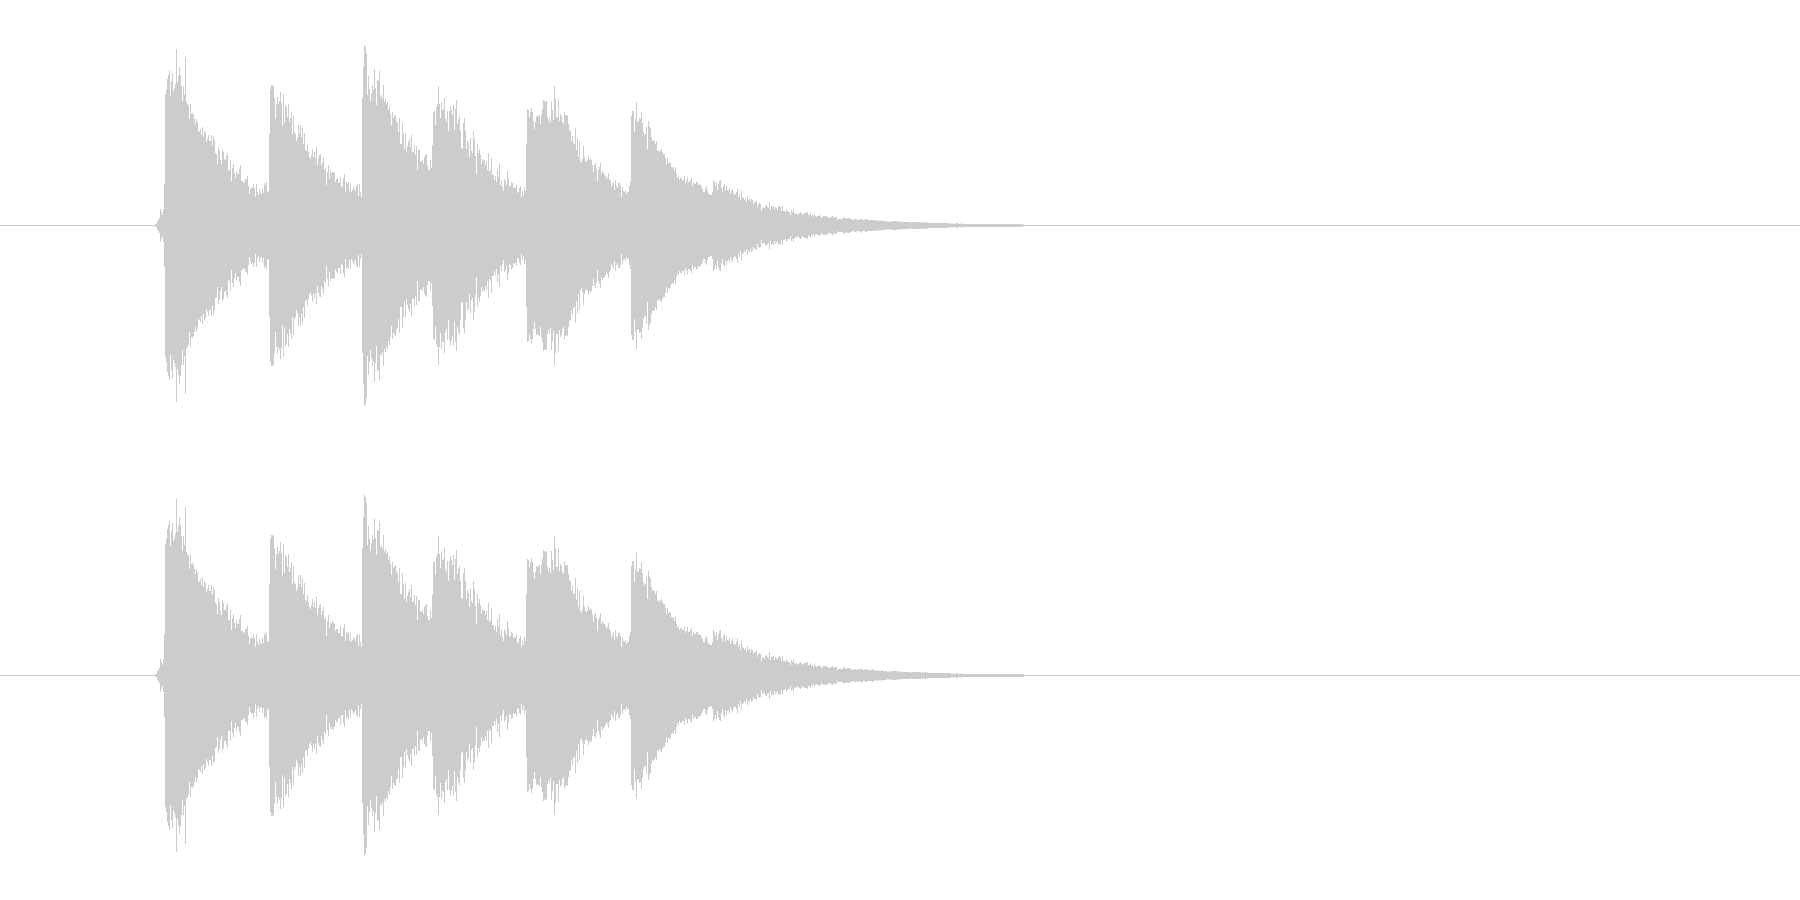 連続ヒットする攻撃音です。の未再生の波形